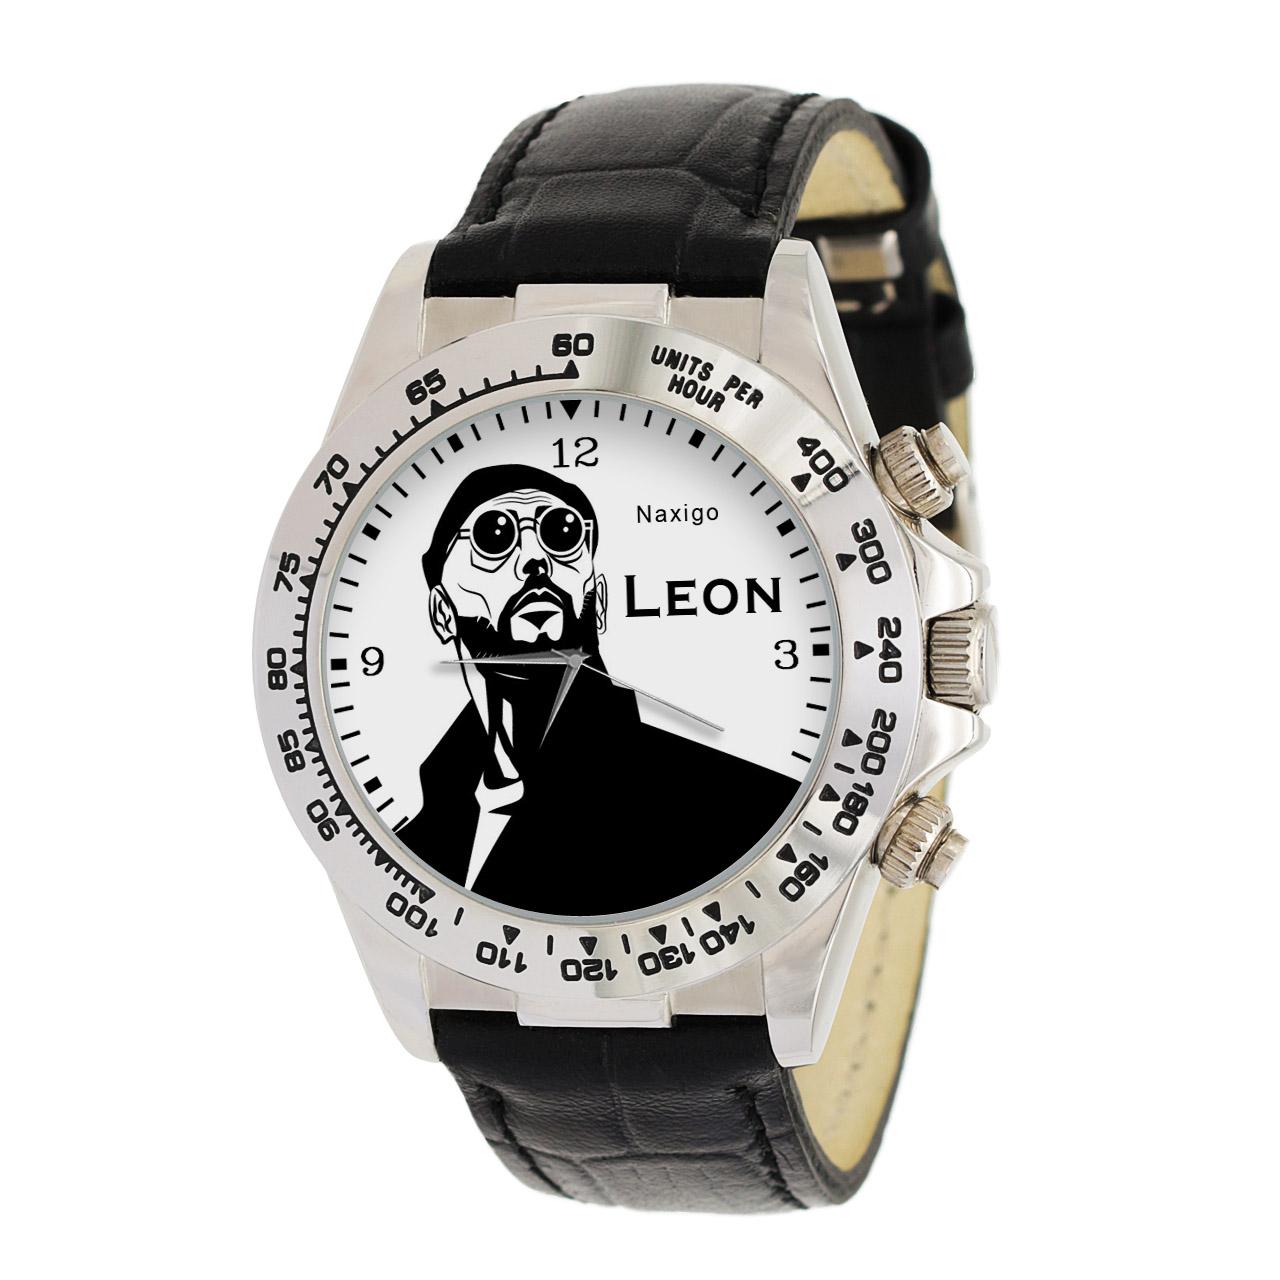 ساعت مچی  مردانه ناکسیگو طرح لئون کد LS3546